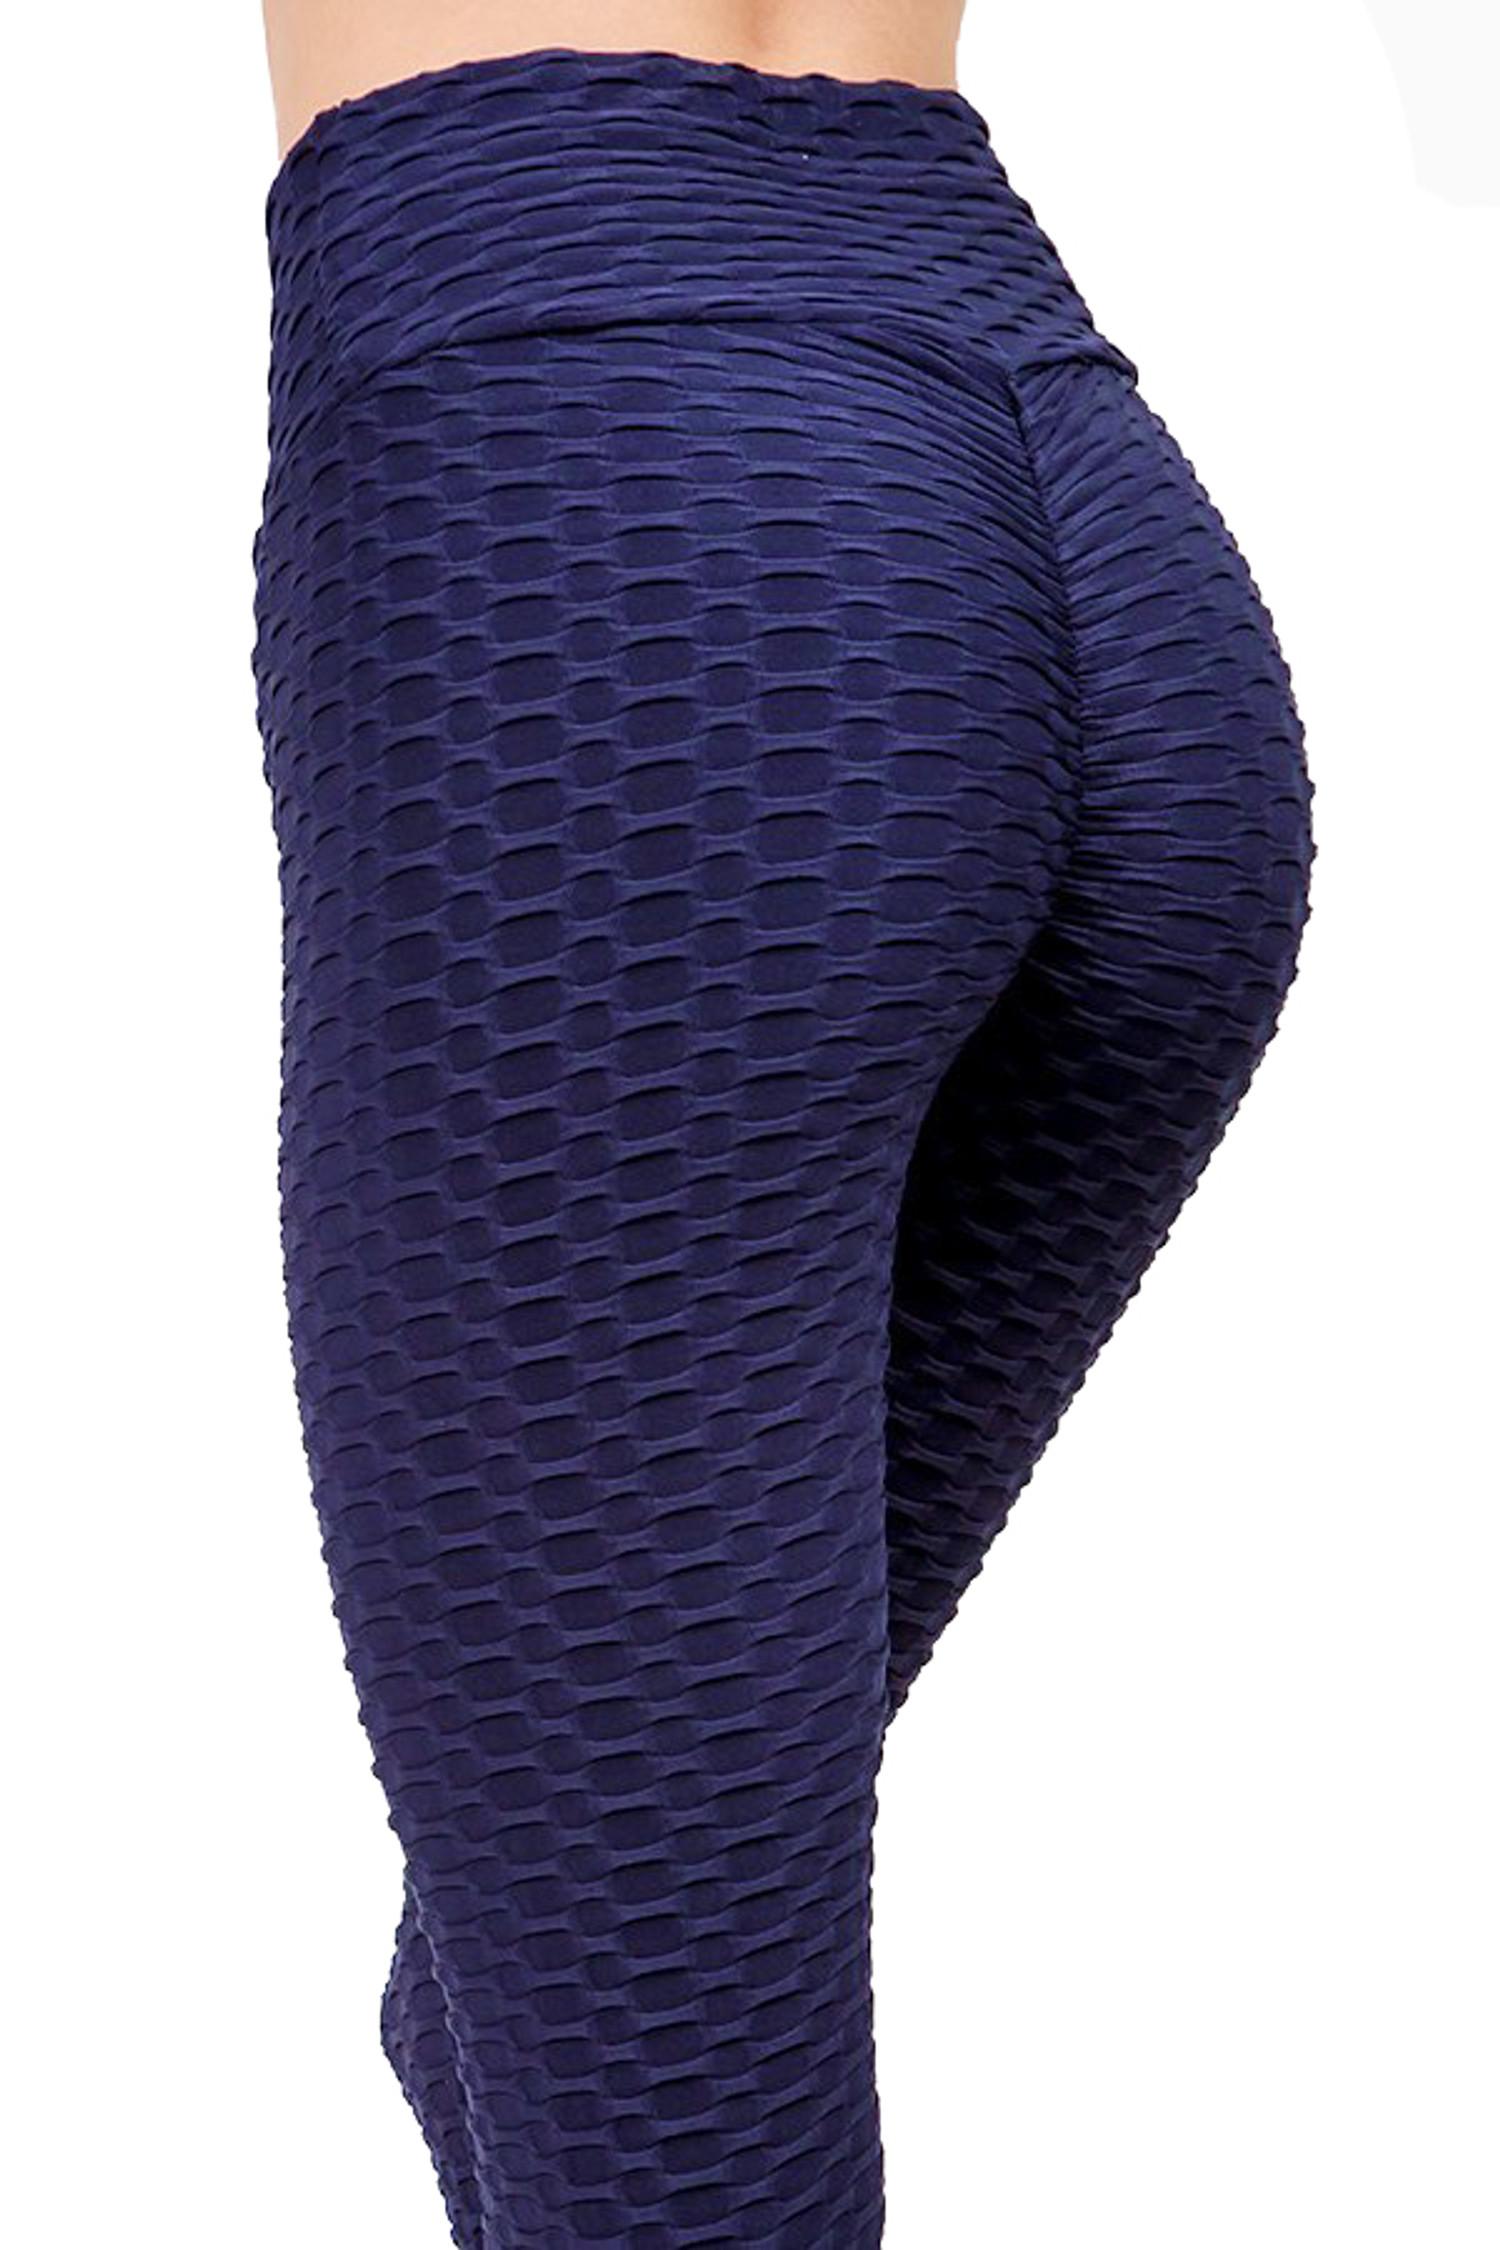 Scrunch Butt Textured High Waisted Capris